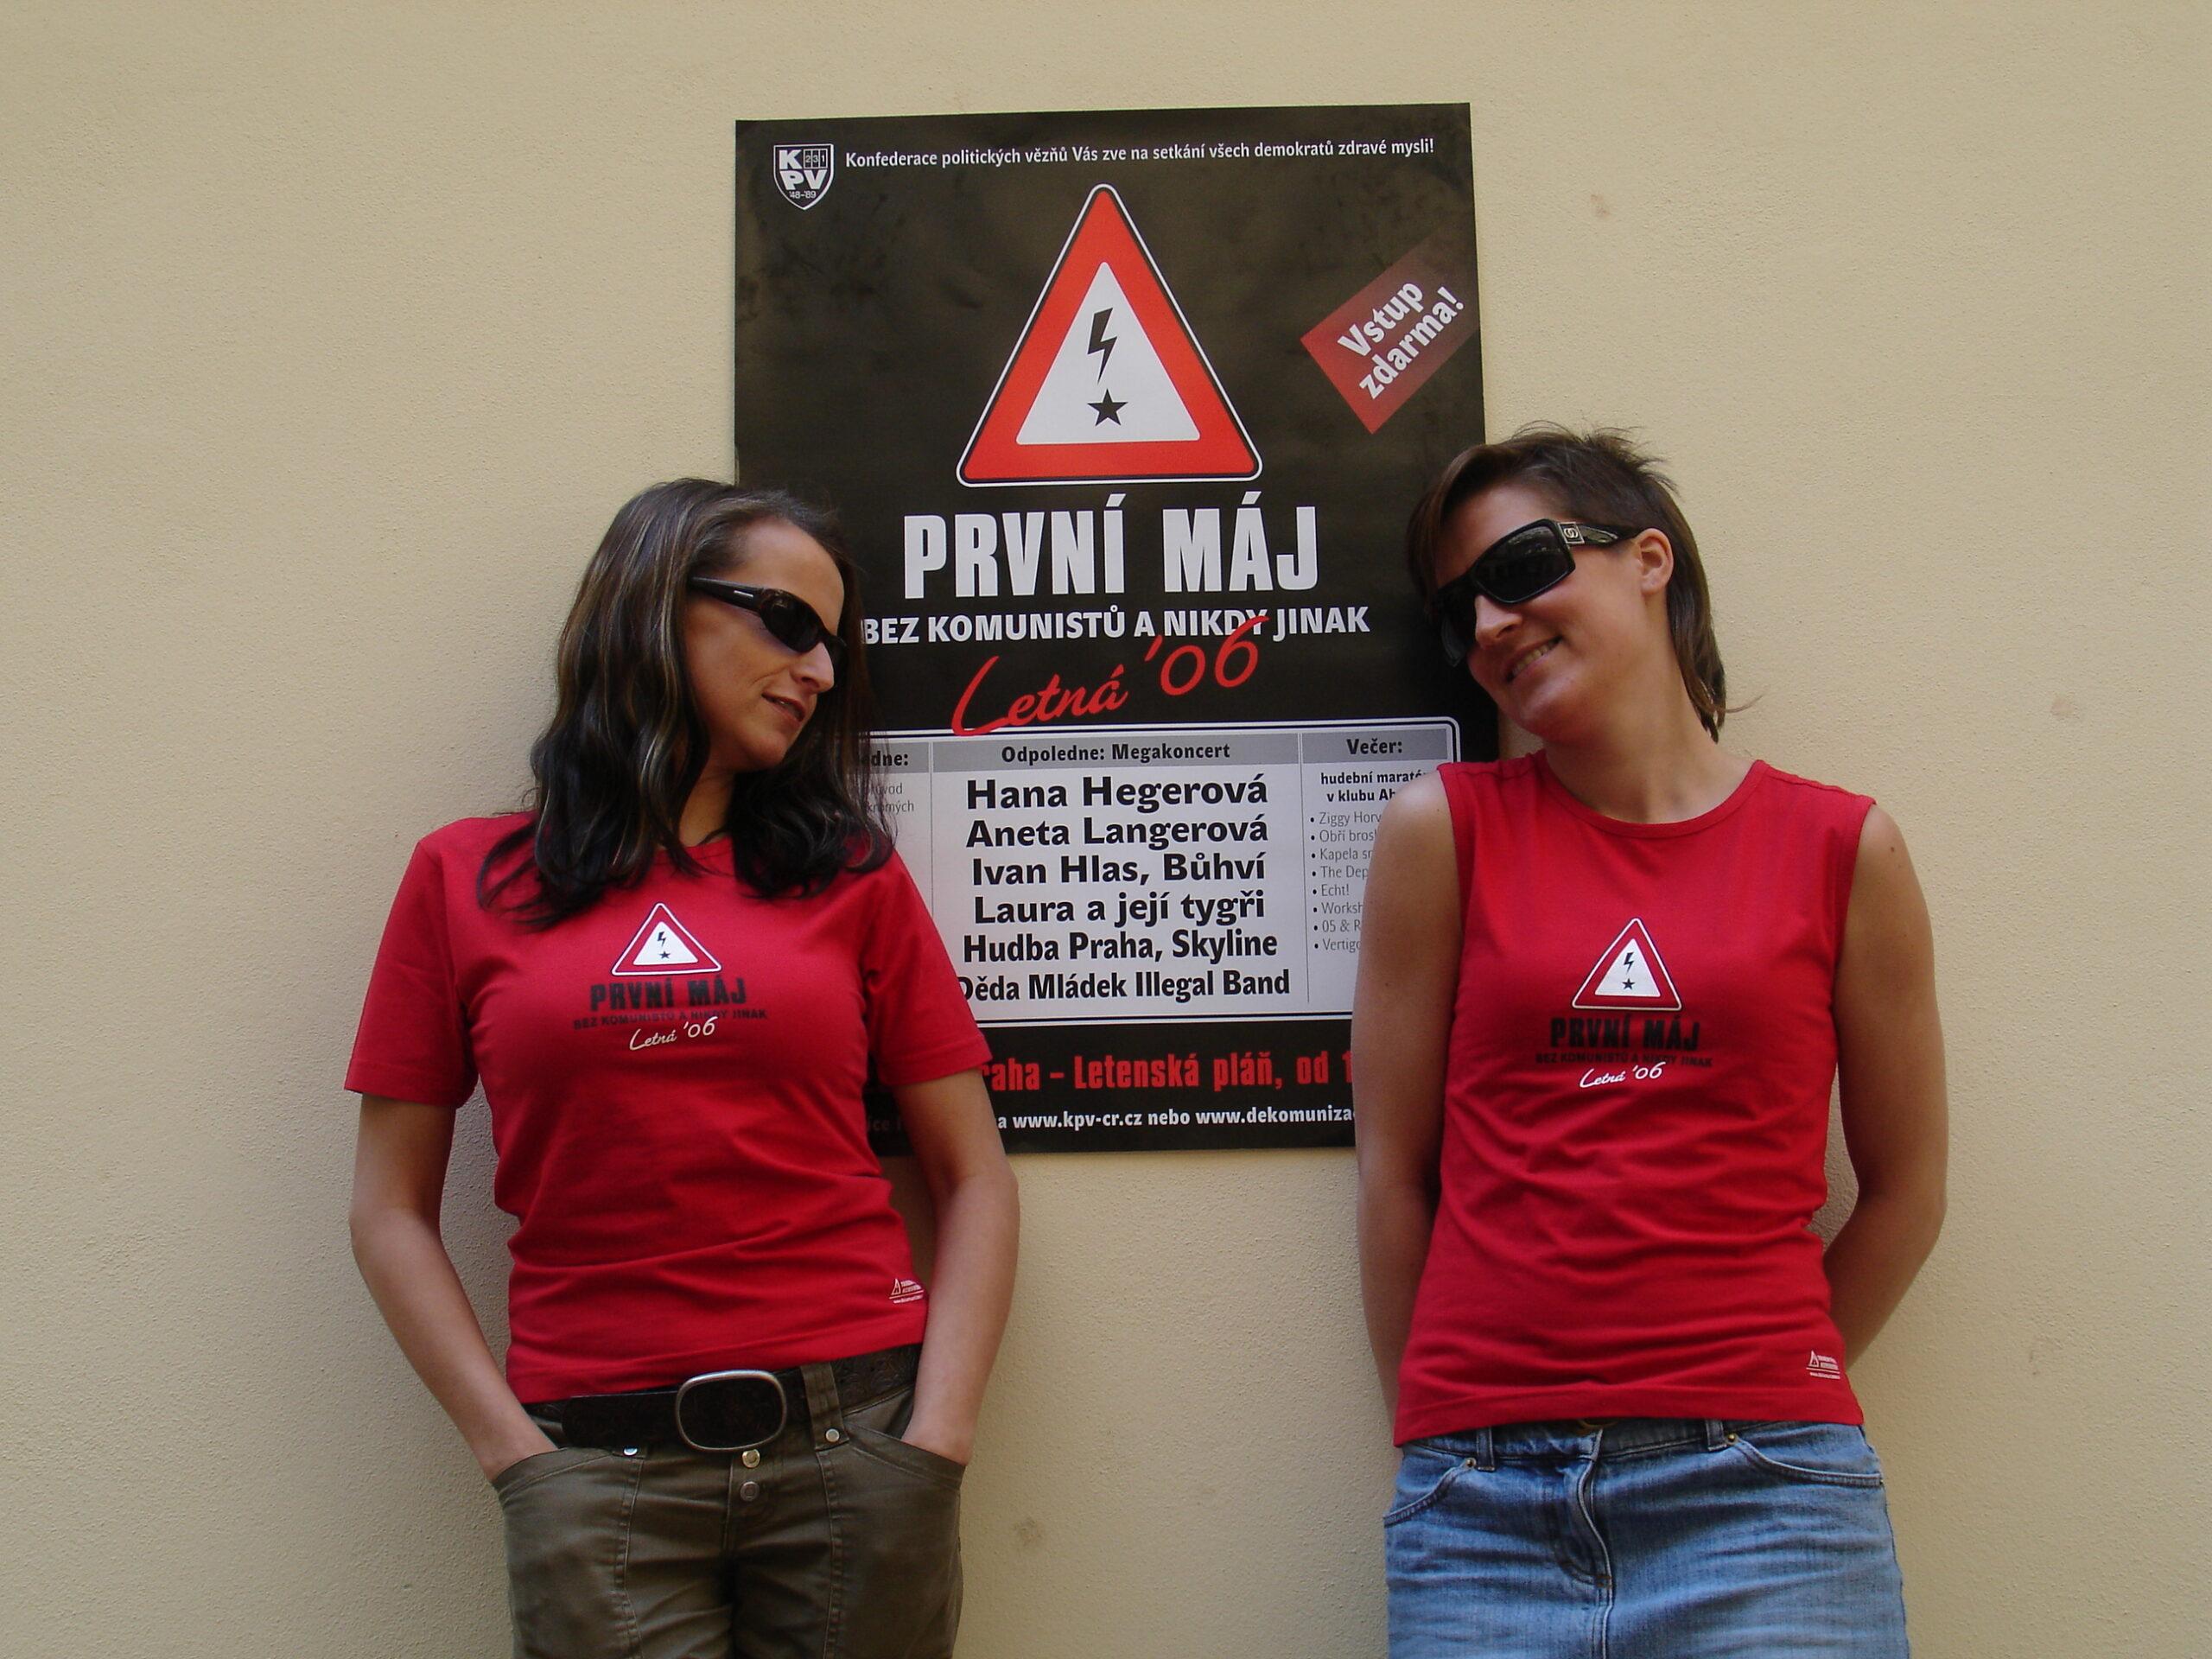 1. Máj 2006 – jak jsme komunistům vyfoukli Letnou